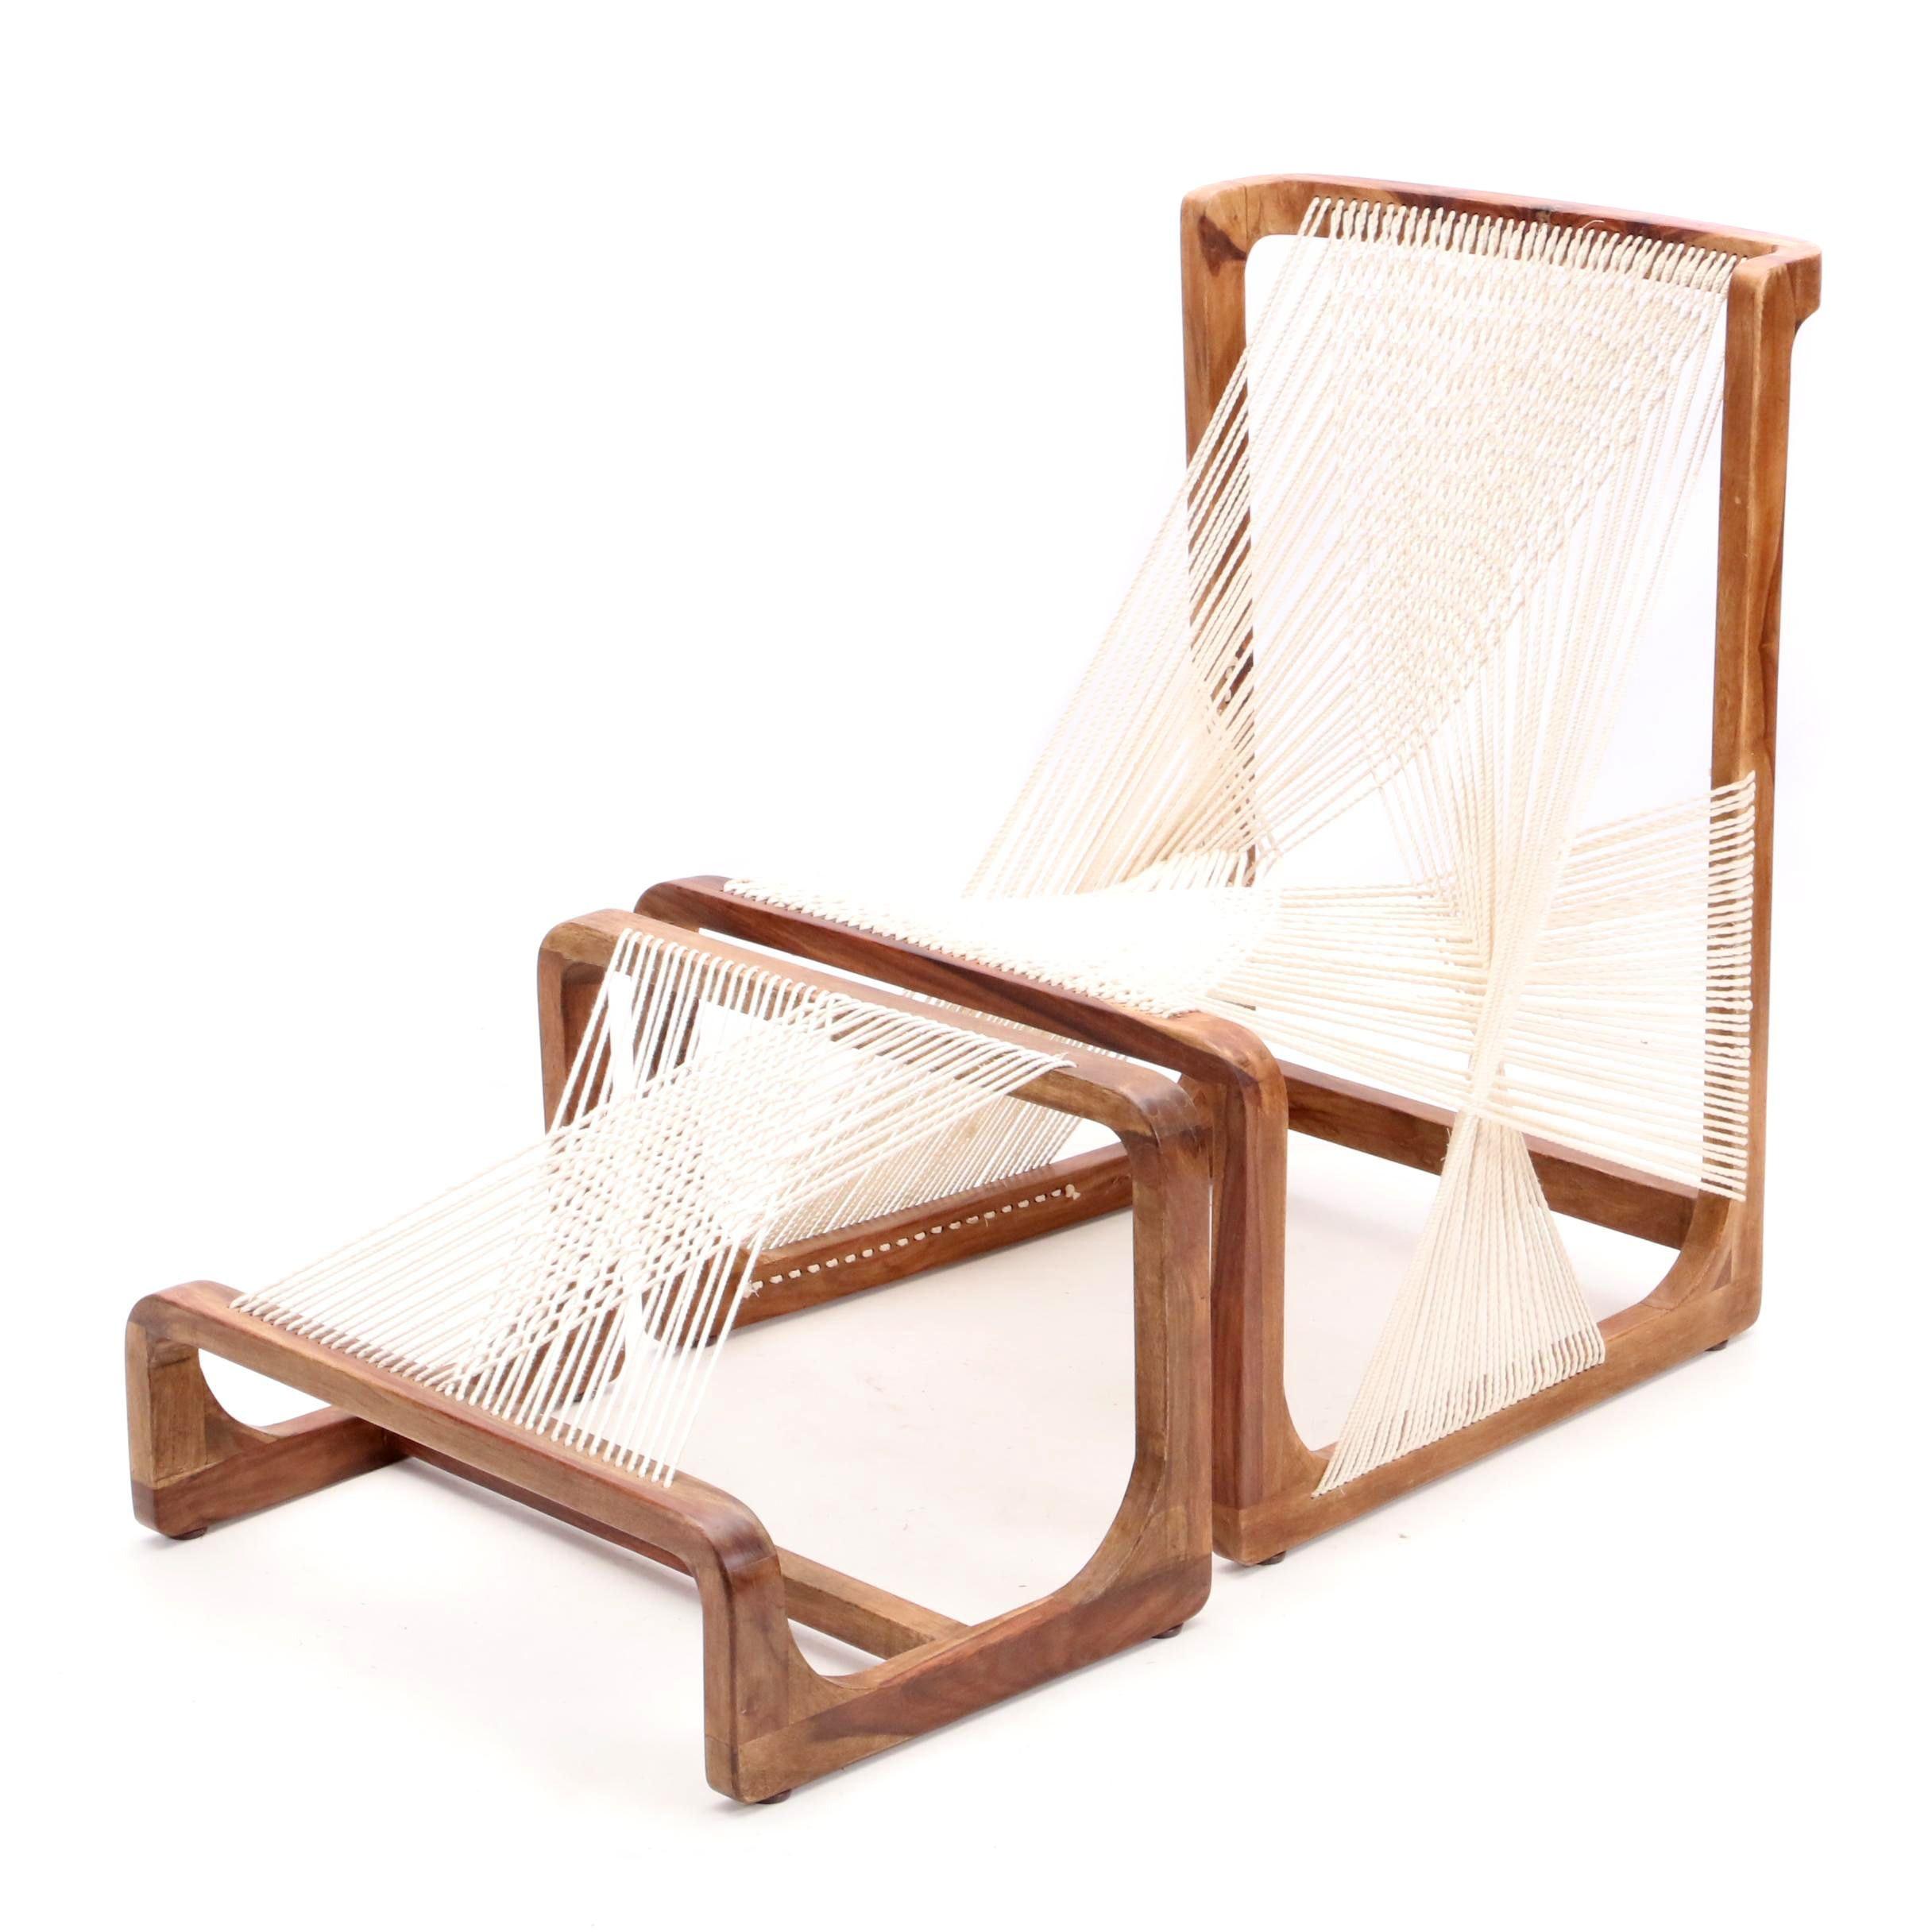 Asa Karner for Alvi Design Modern Style Rope Chair